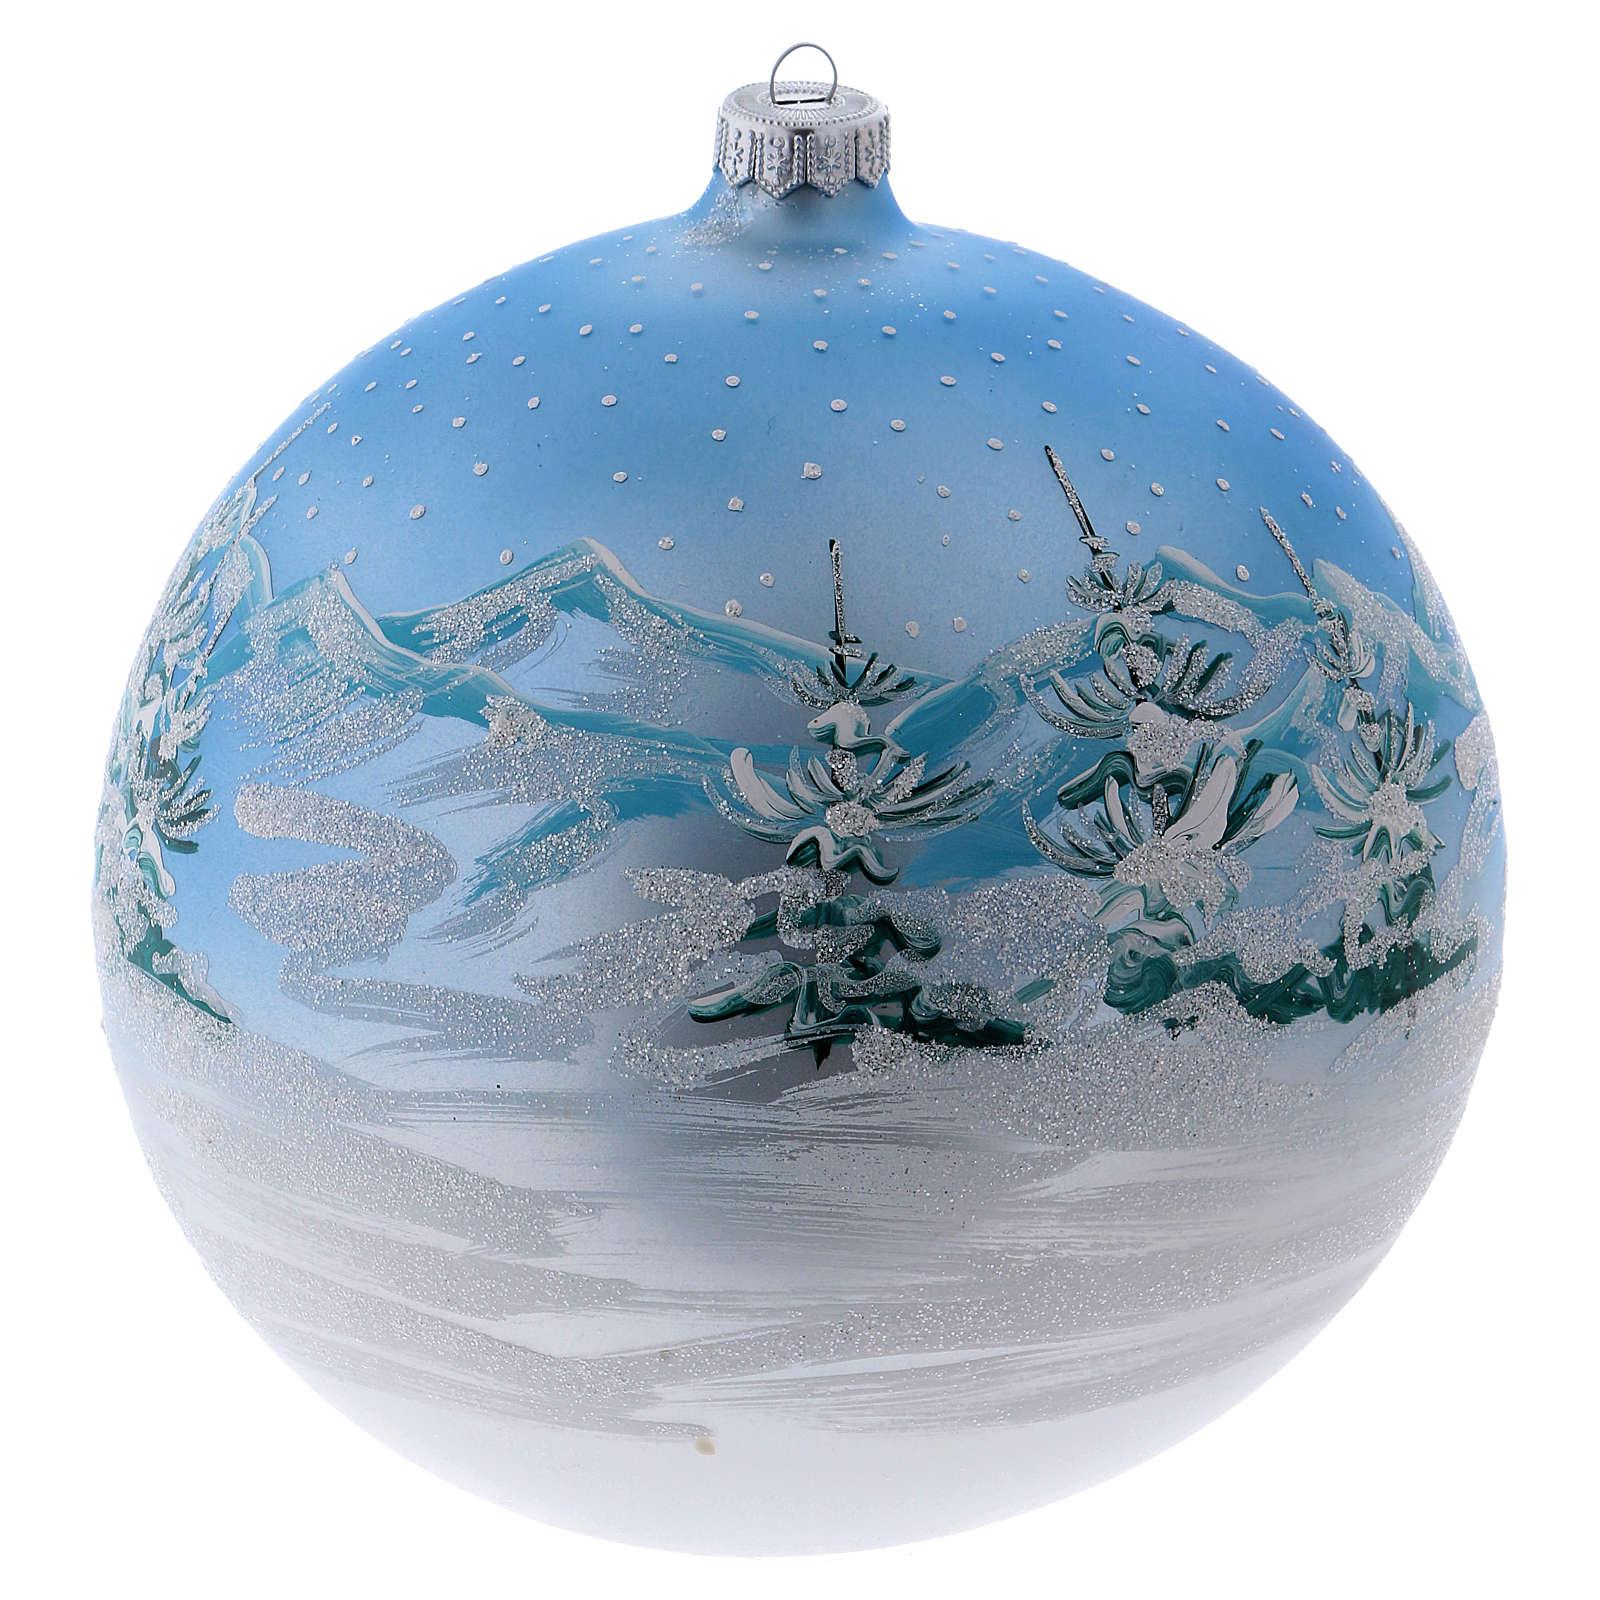 Boule Noël 200 mm paysage scandinave enneigé verre soufflé 4